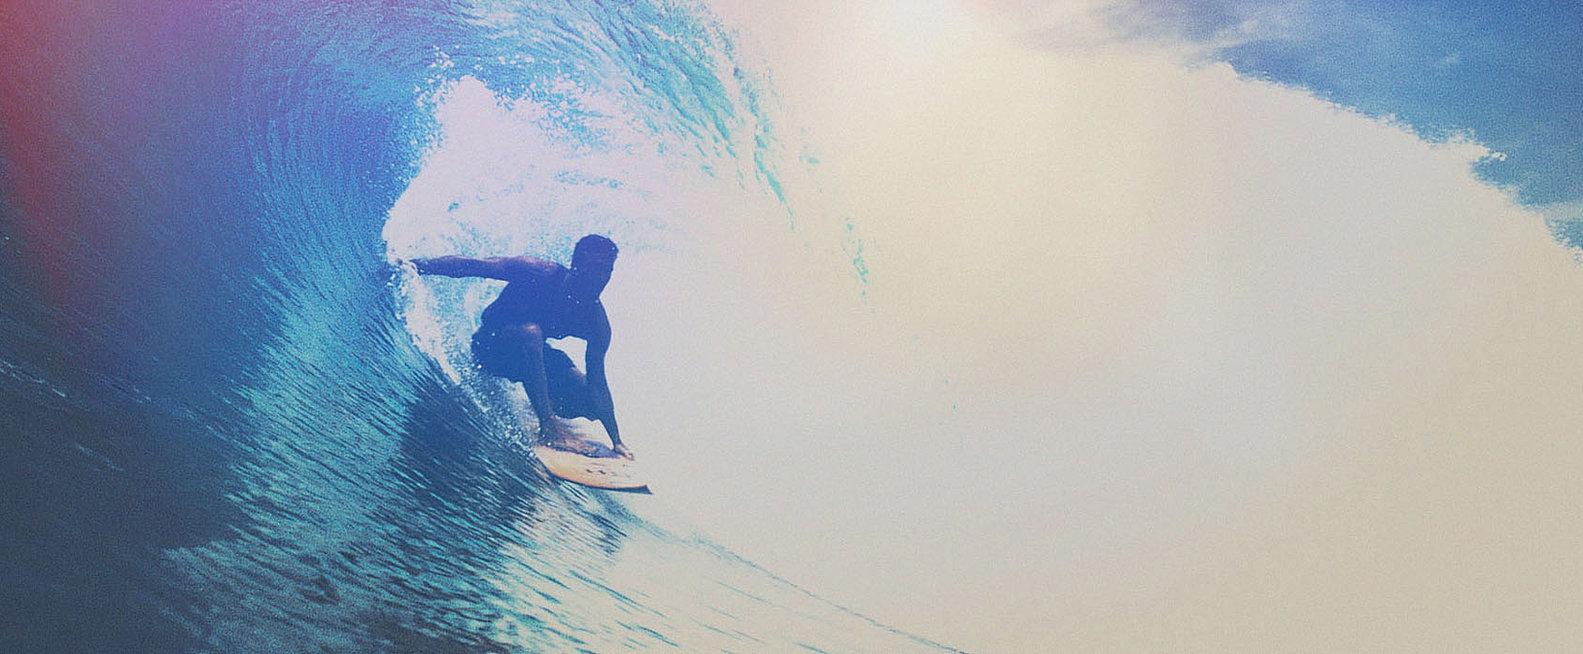 tybee island surf report